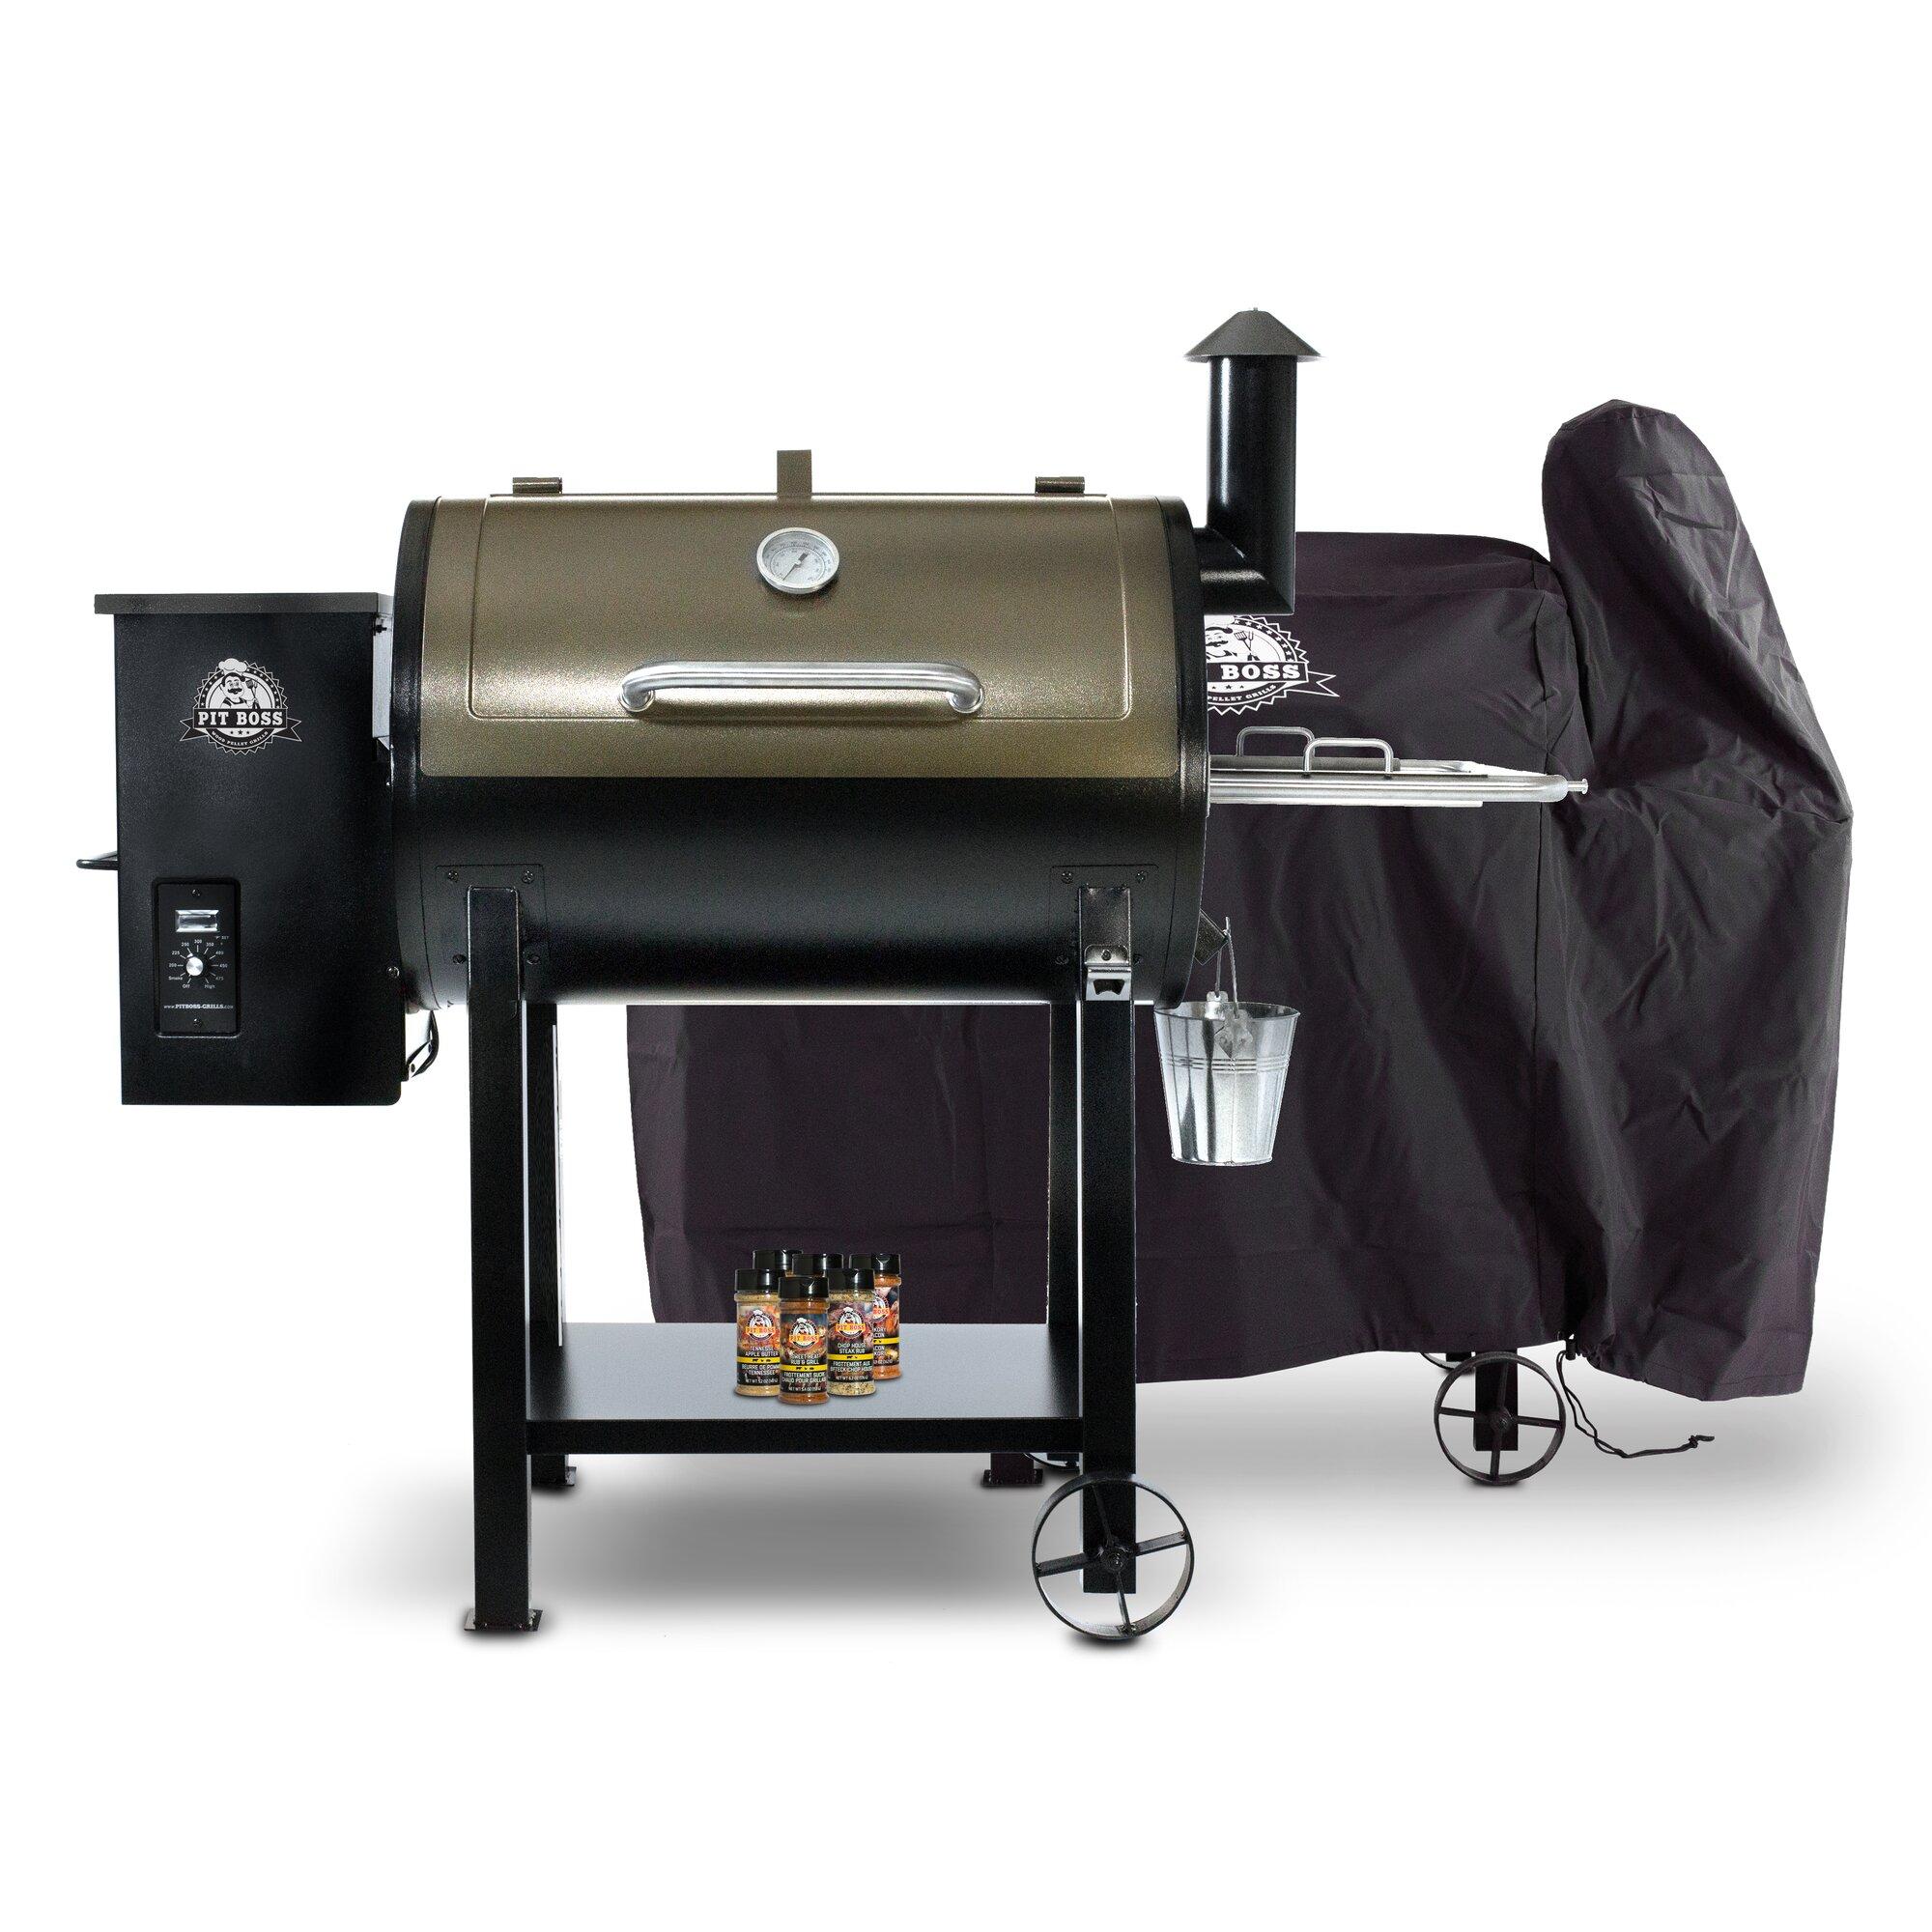 Pit Boss 820D Wood/Pellet Grill with Smoker | Wayfair.ca